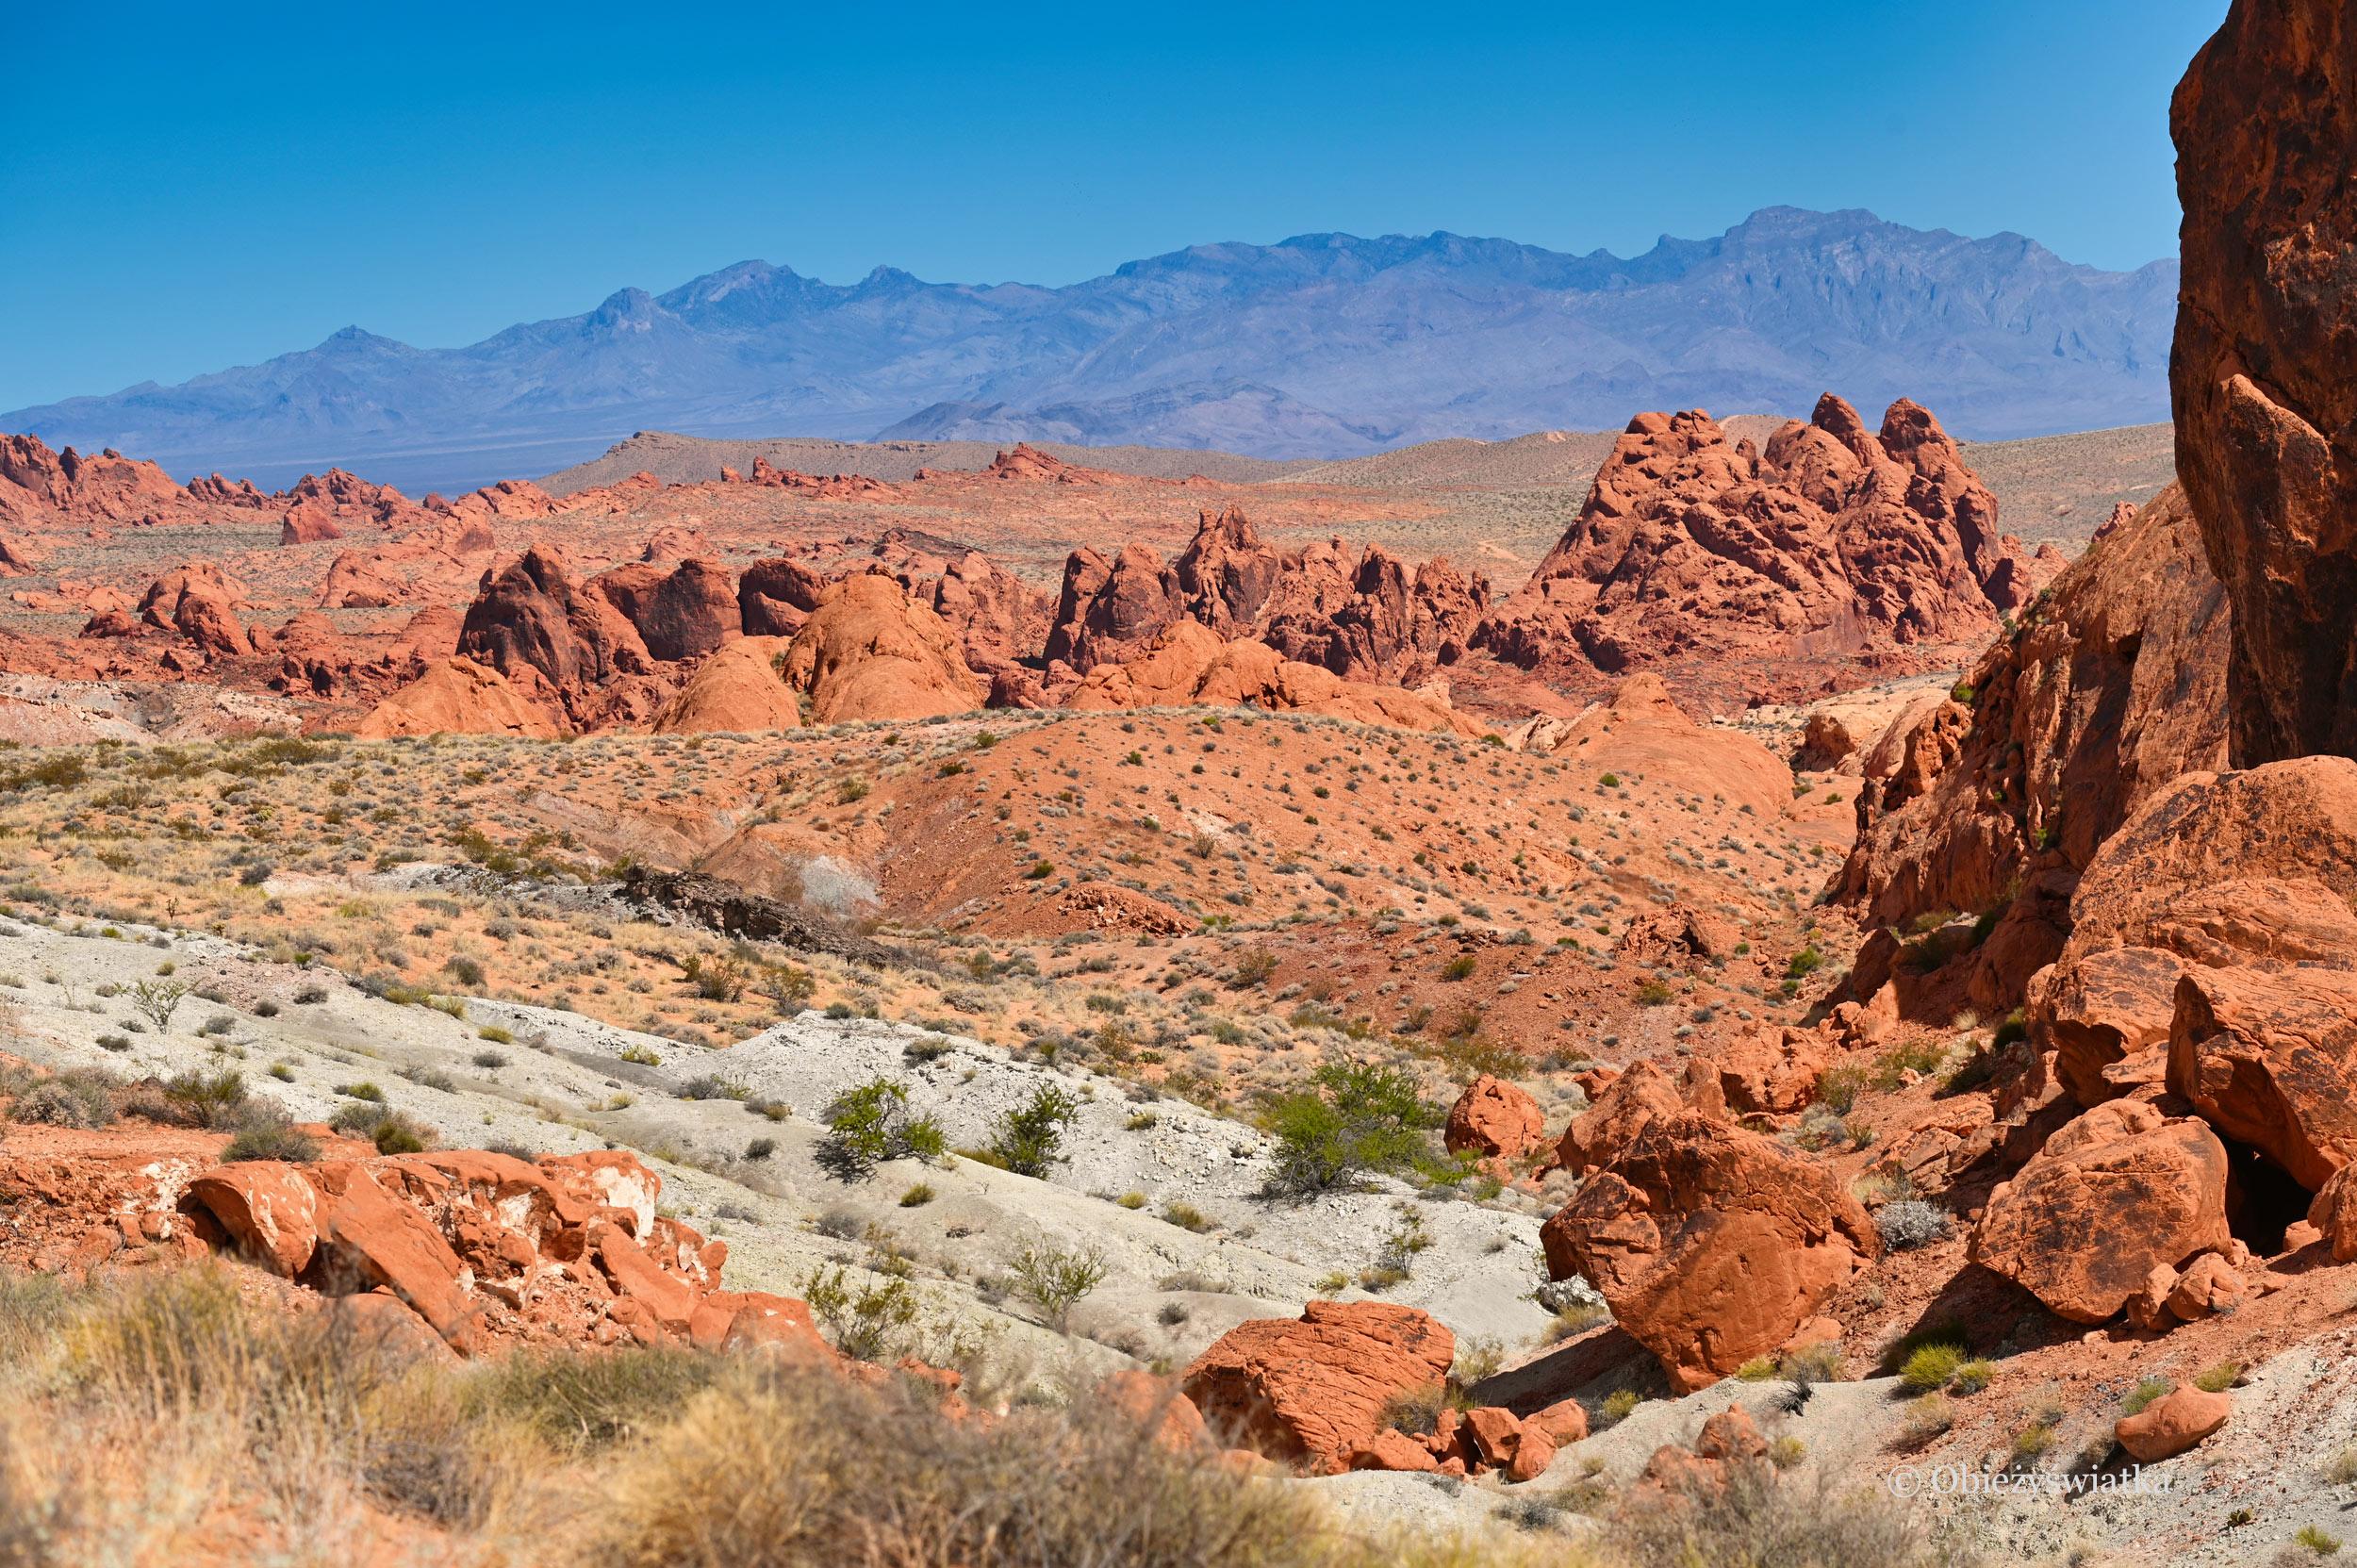 Góry, czerwone skały i bardzo niebieskie niebo - Dolina Ognia